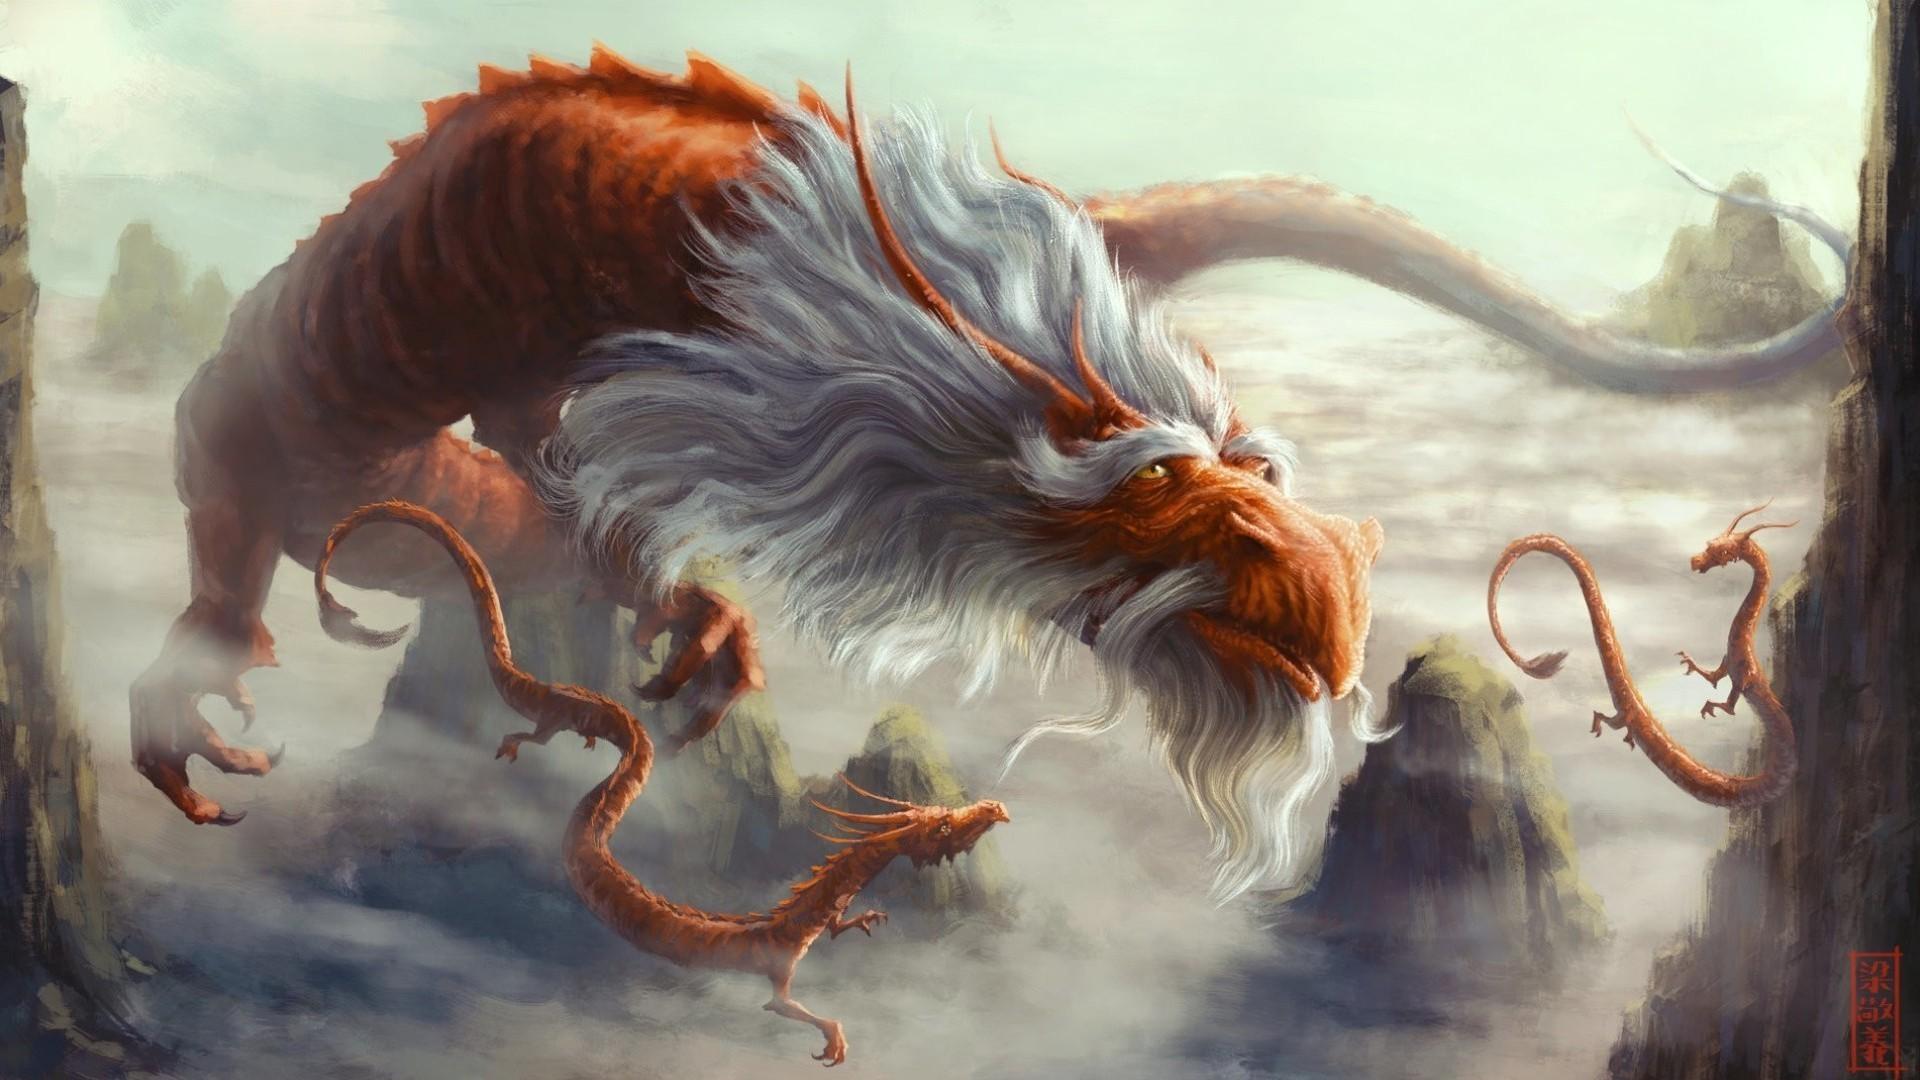 dragon head wallpaper (58+ images)